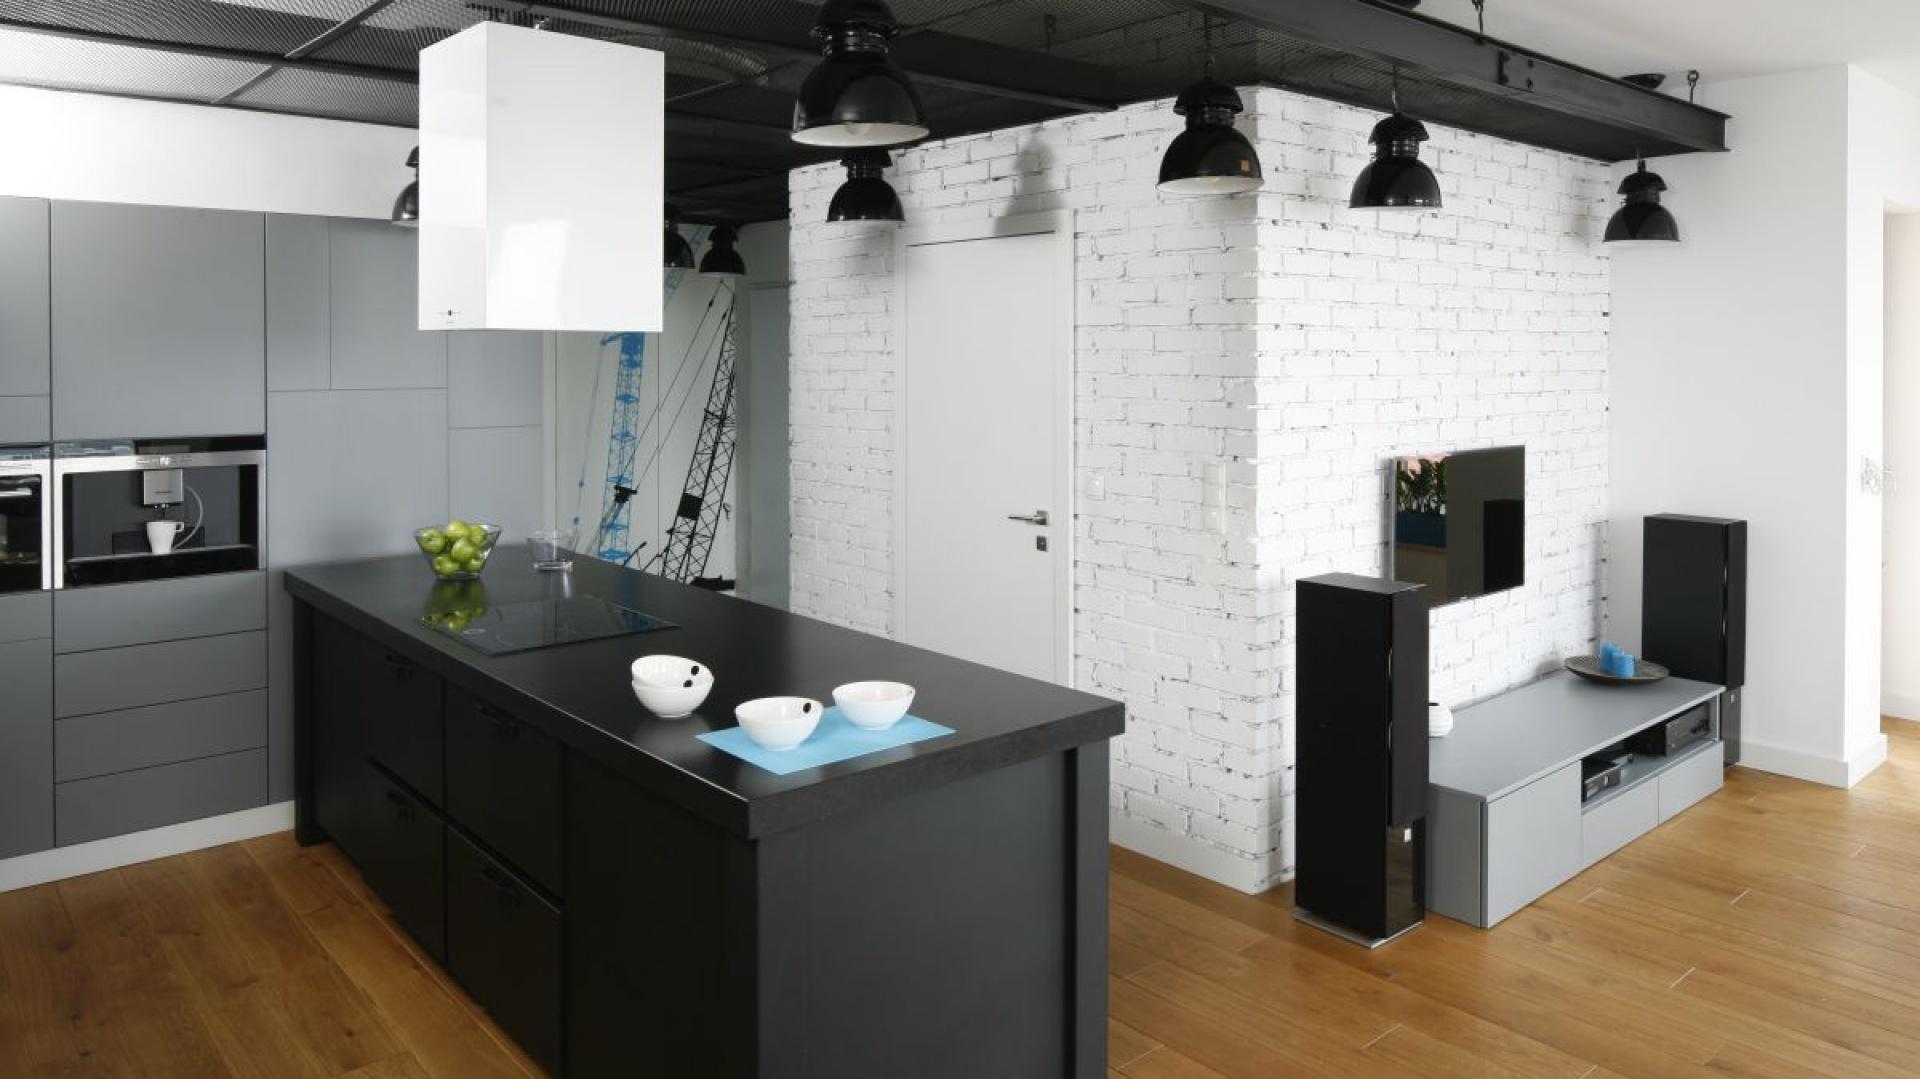 Połączenie kuchni z pokojem dziennym powoduje, że pracując w kuchni, możemy obserwować, co dzieje się tuż obok. Proj. wnętrza Monika i Adam Bronikowscy, Hola Design. Fot. Bartosz Jarosz.